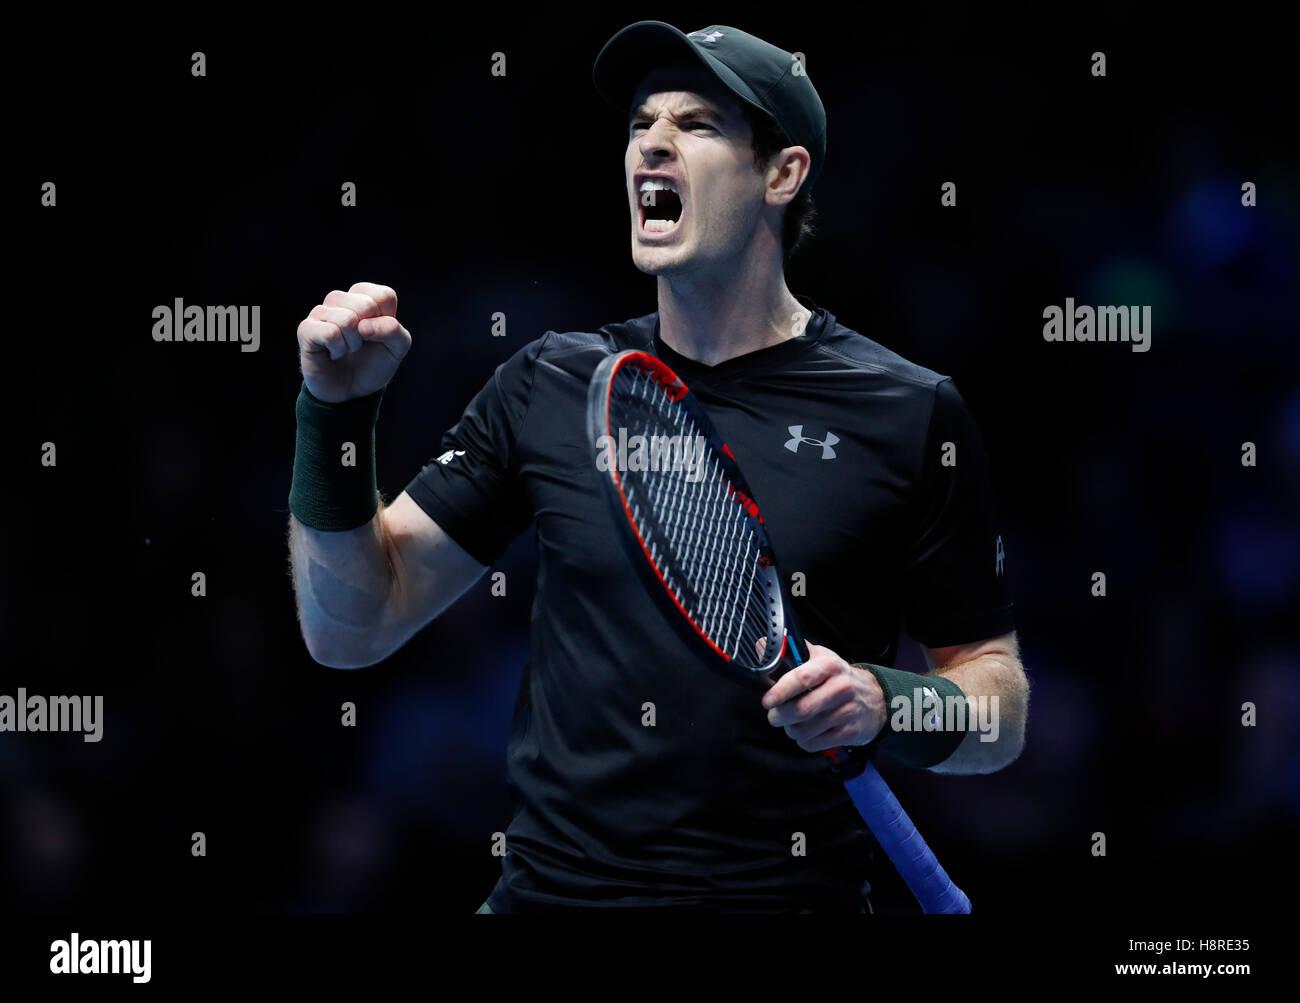 Londres, Gran Bretaña. 16 Nov, 2016. Andy Murray de Gran Bretaña reacciona en el grupo coinciden con Kei Imagen De Stock